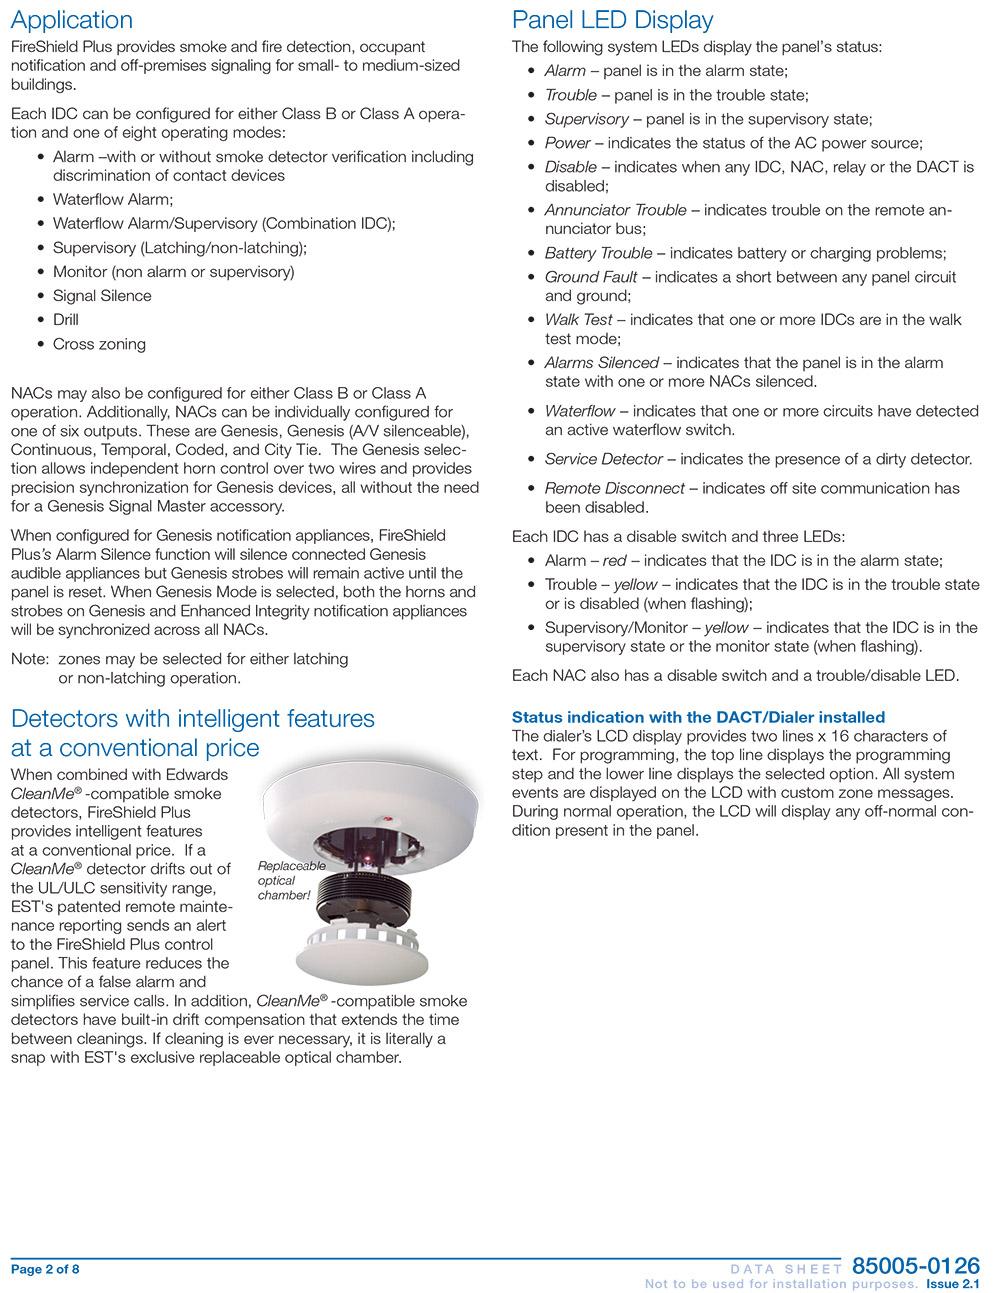 แผงควบคุมอัคคีภัย รุ่น 85005-0126